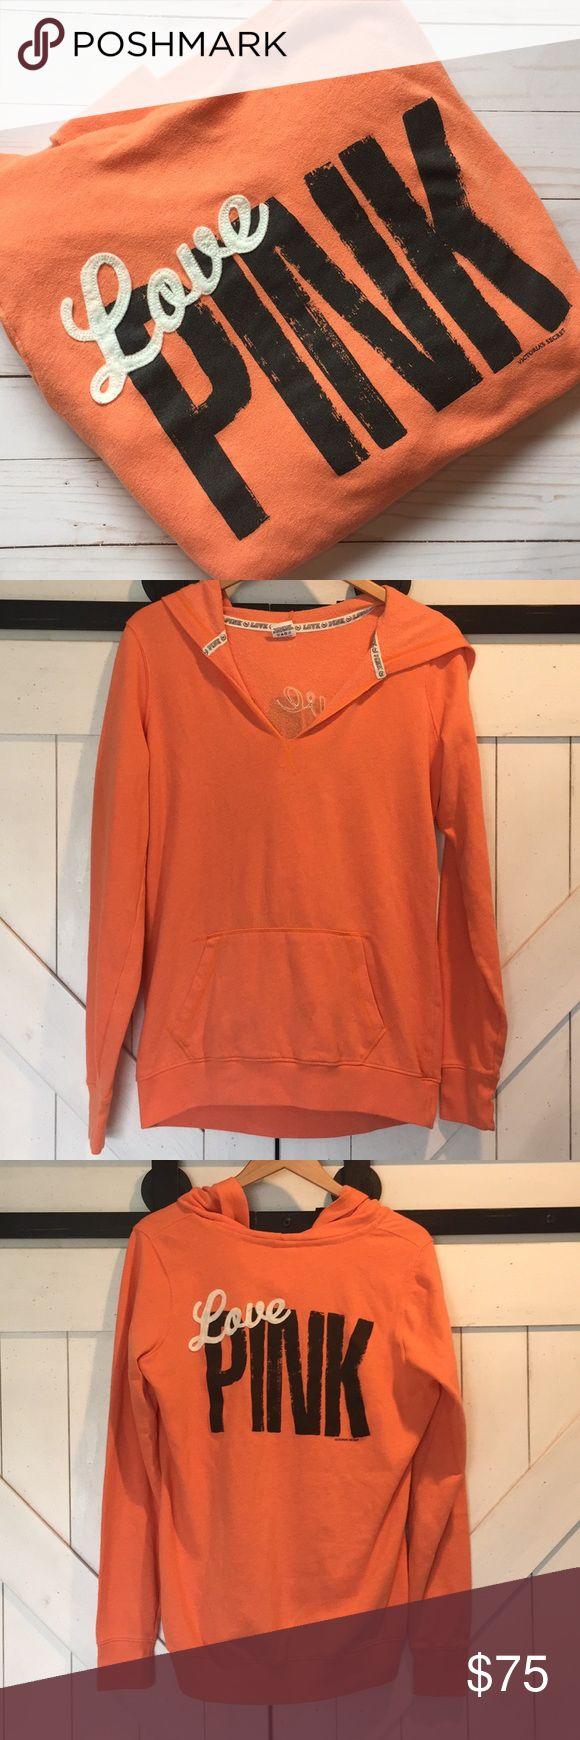 PINK vs hoodie Super comfy vs PINK orange creamsicle-colored vneck hoodie .. the…